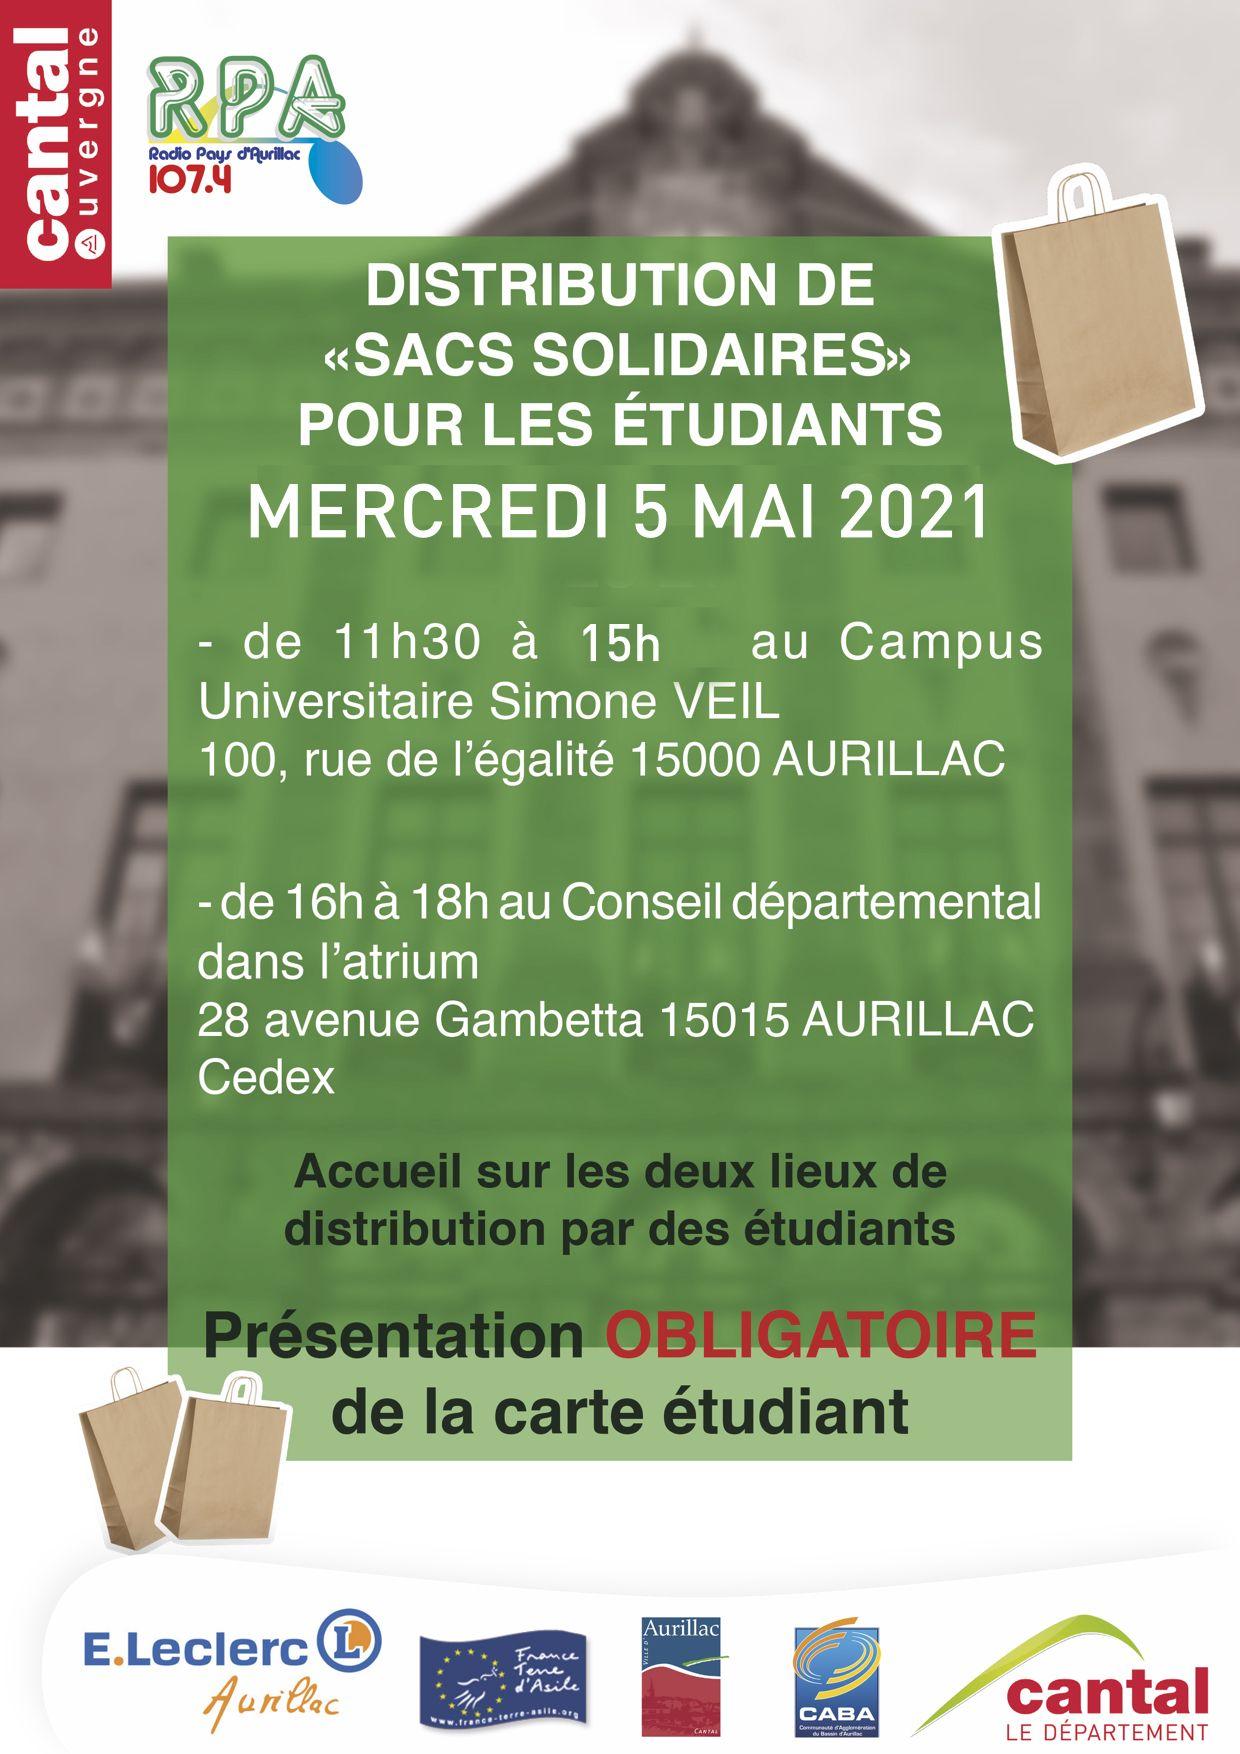 [Etudiants] Distribution de sacs solidaires - Aurillac (15)